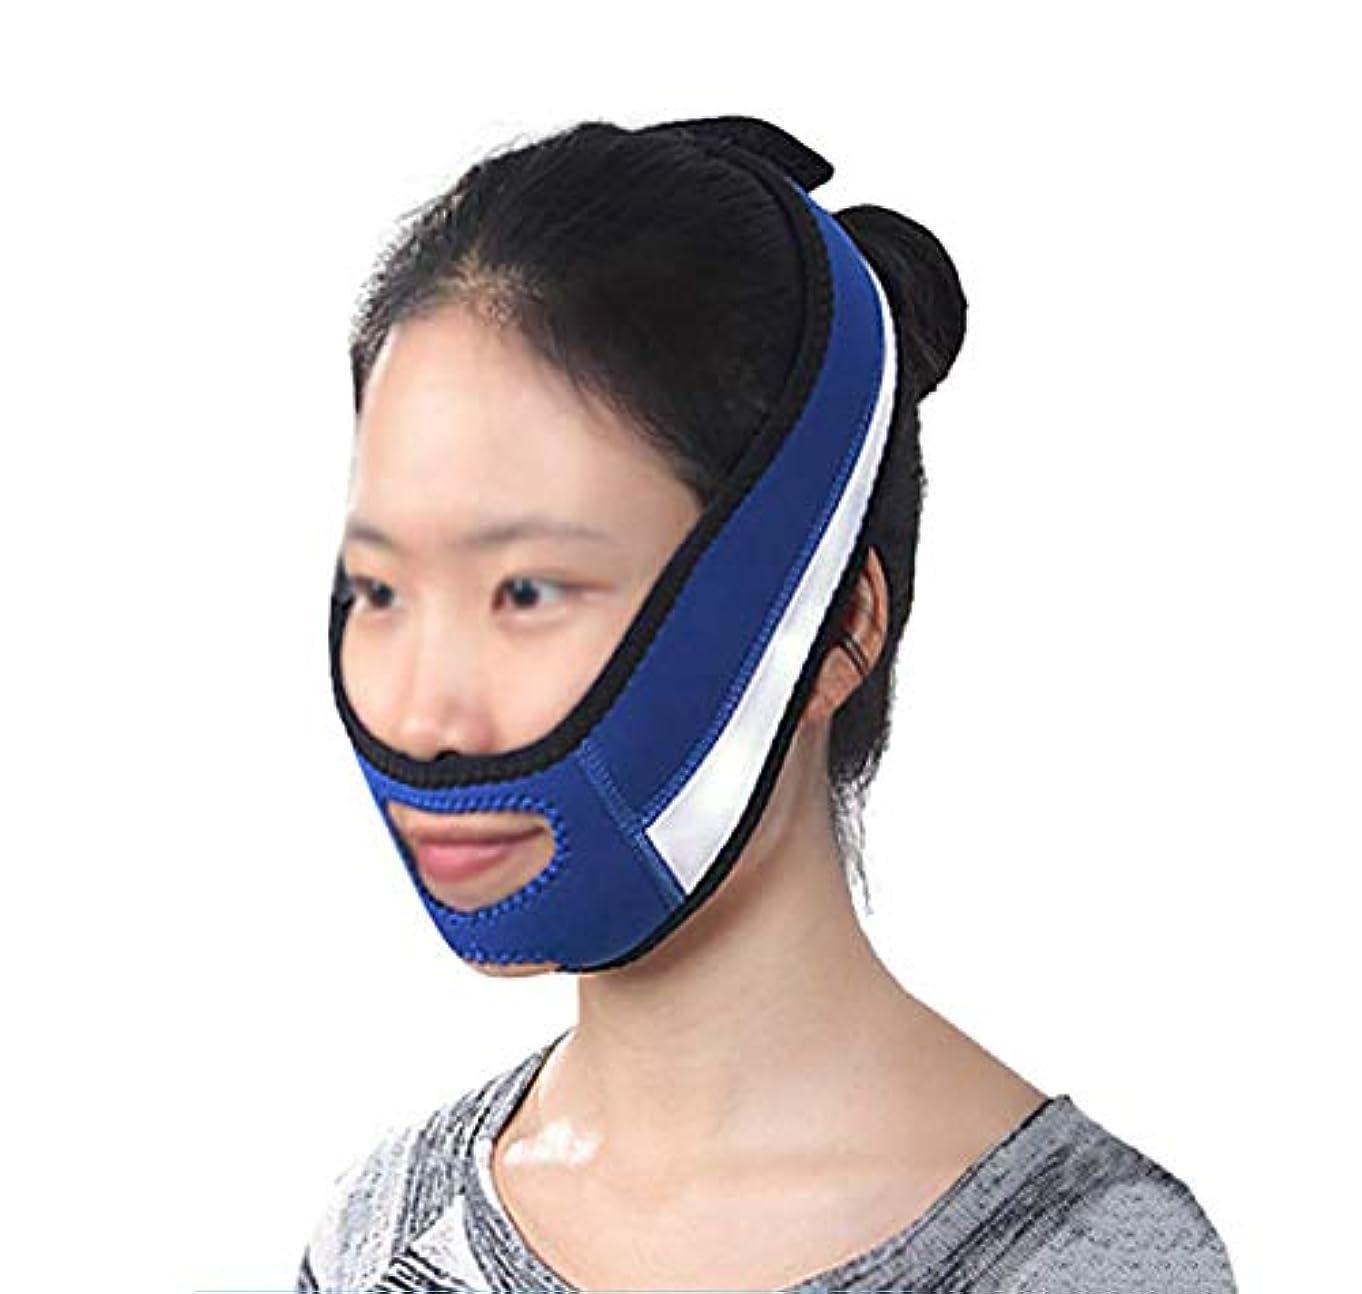 スラダムエクステント有益な薄い顔包帯フェイススリム二重あごを取り除きますVラインフェイスシェイプを作成チンチークリフトアップアンチリンクルリフティングベルトフェイスマッサージツール女性と女の子